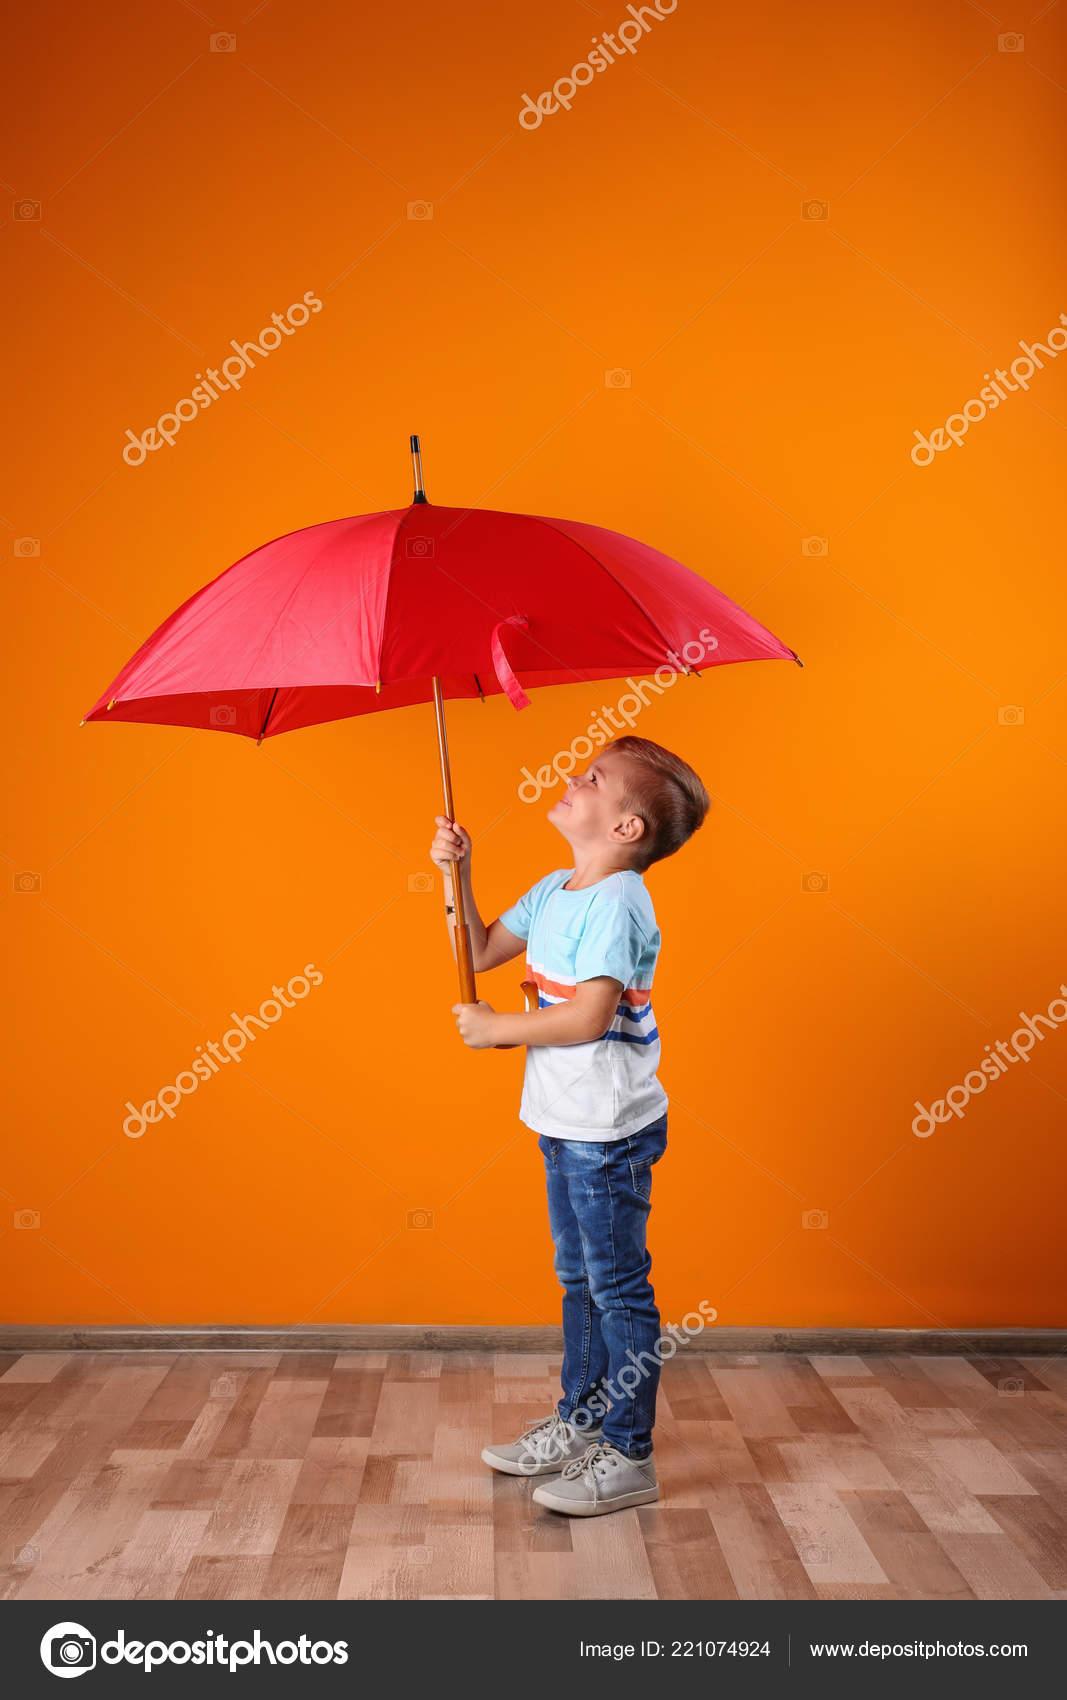 Couleur Avec Du Rouge petit garçon avec parapluie rouge près mur couleur